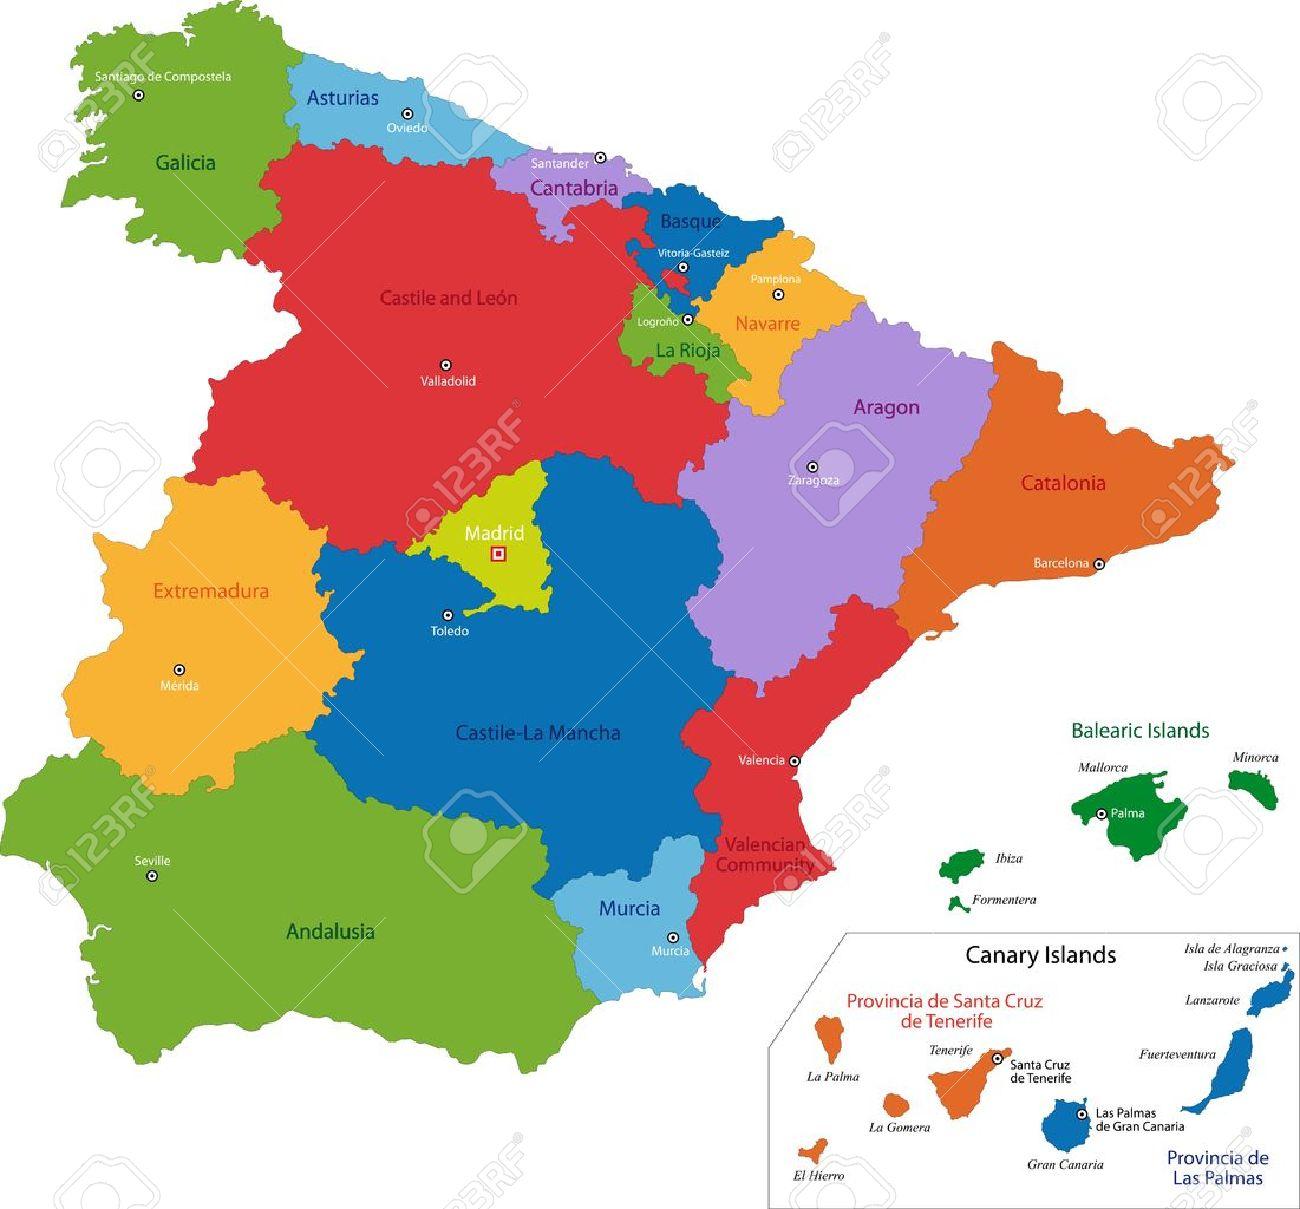 Colorido Mapa De Espana Con Las Regiones Y Principales Ciudades